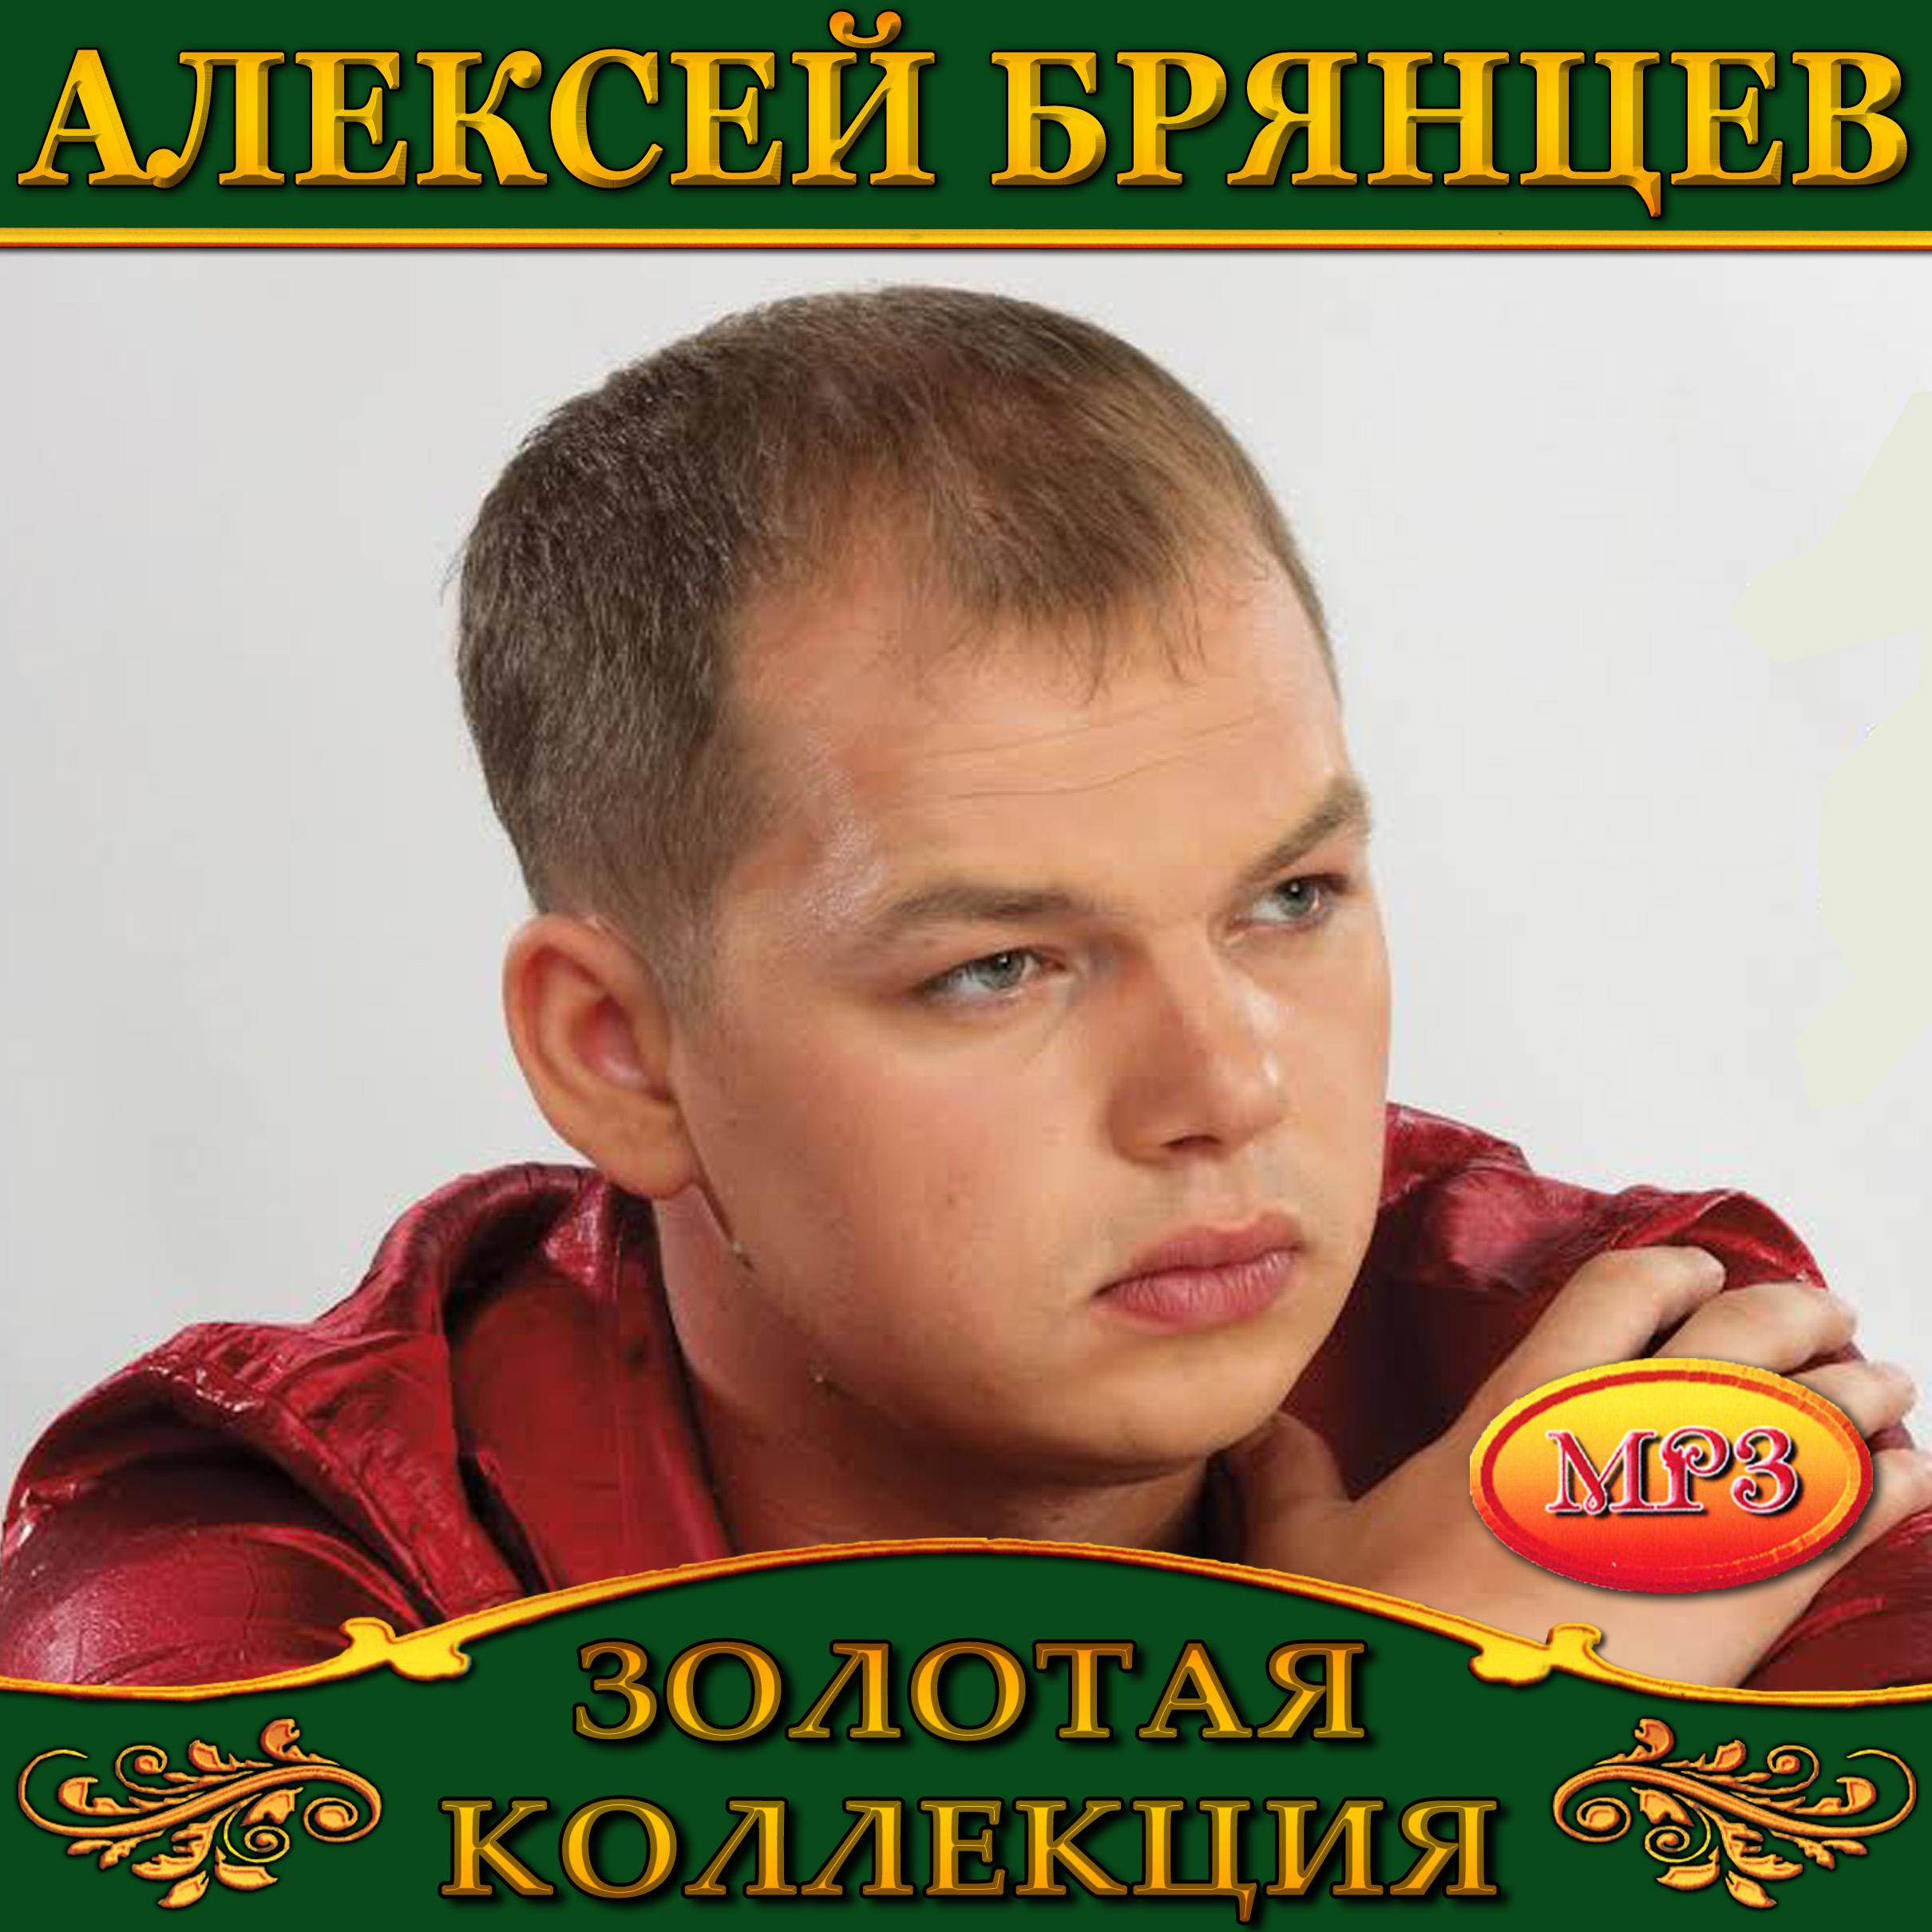 Алексей Брянцев [mp3]